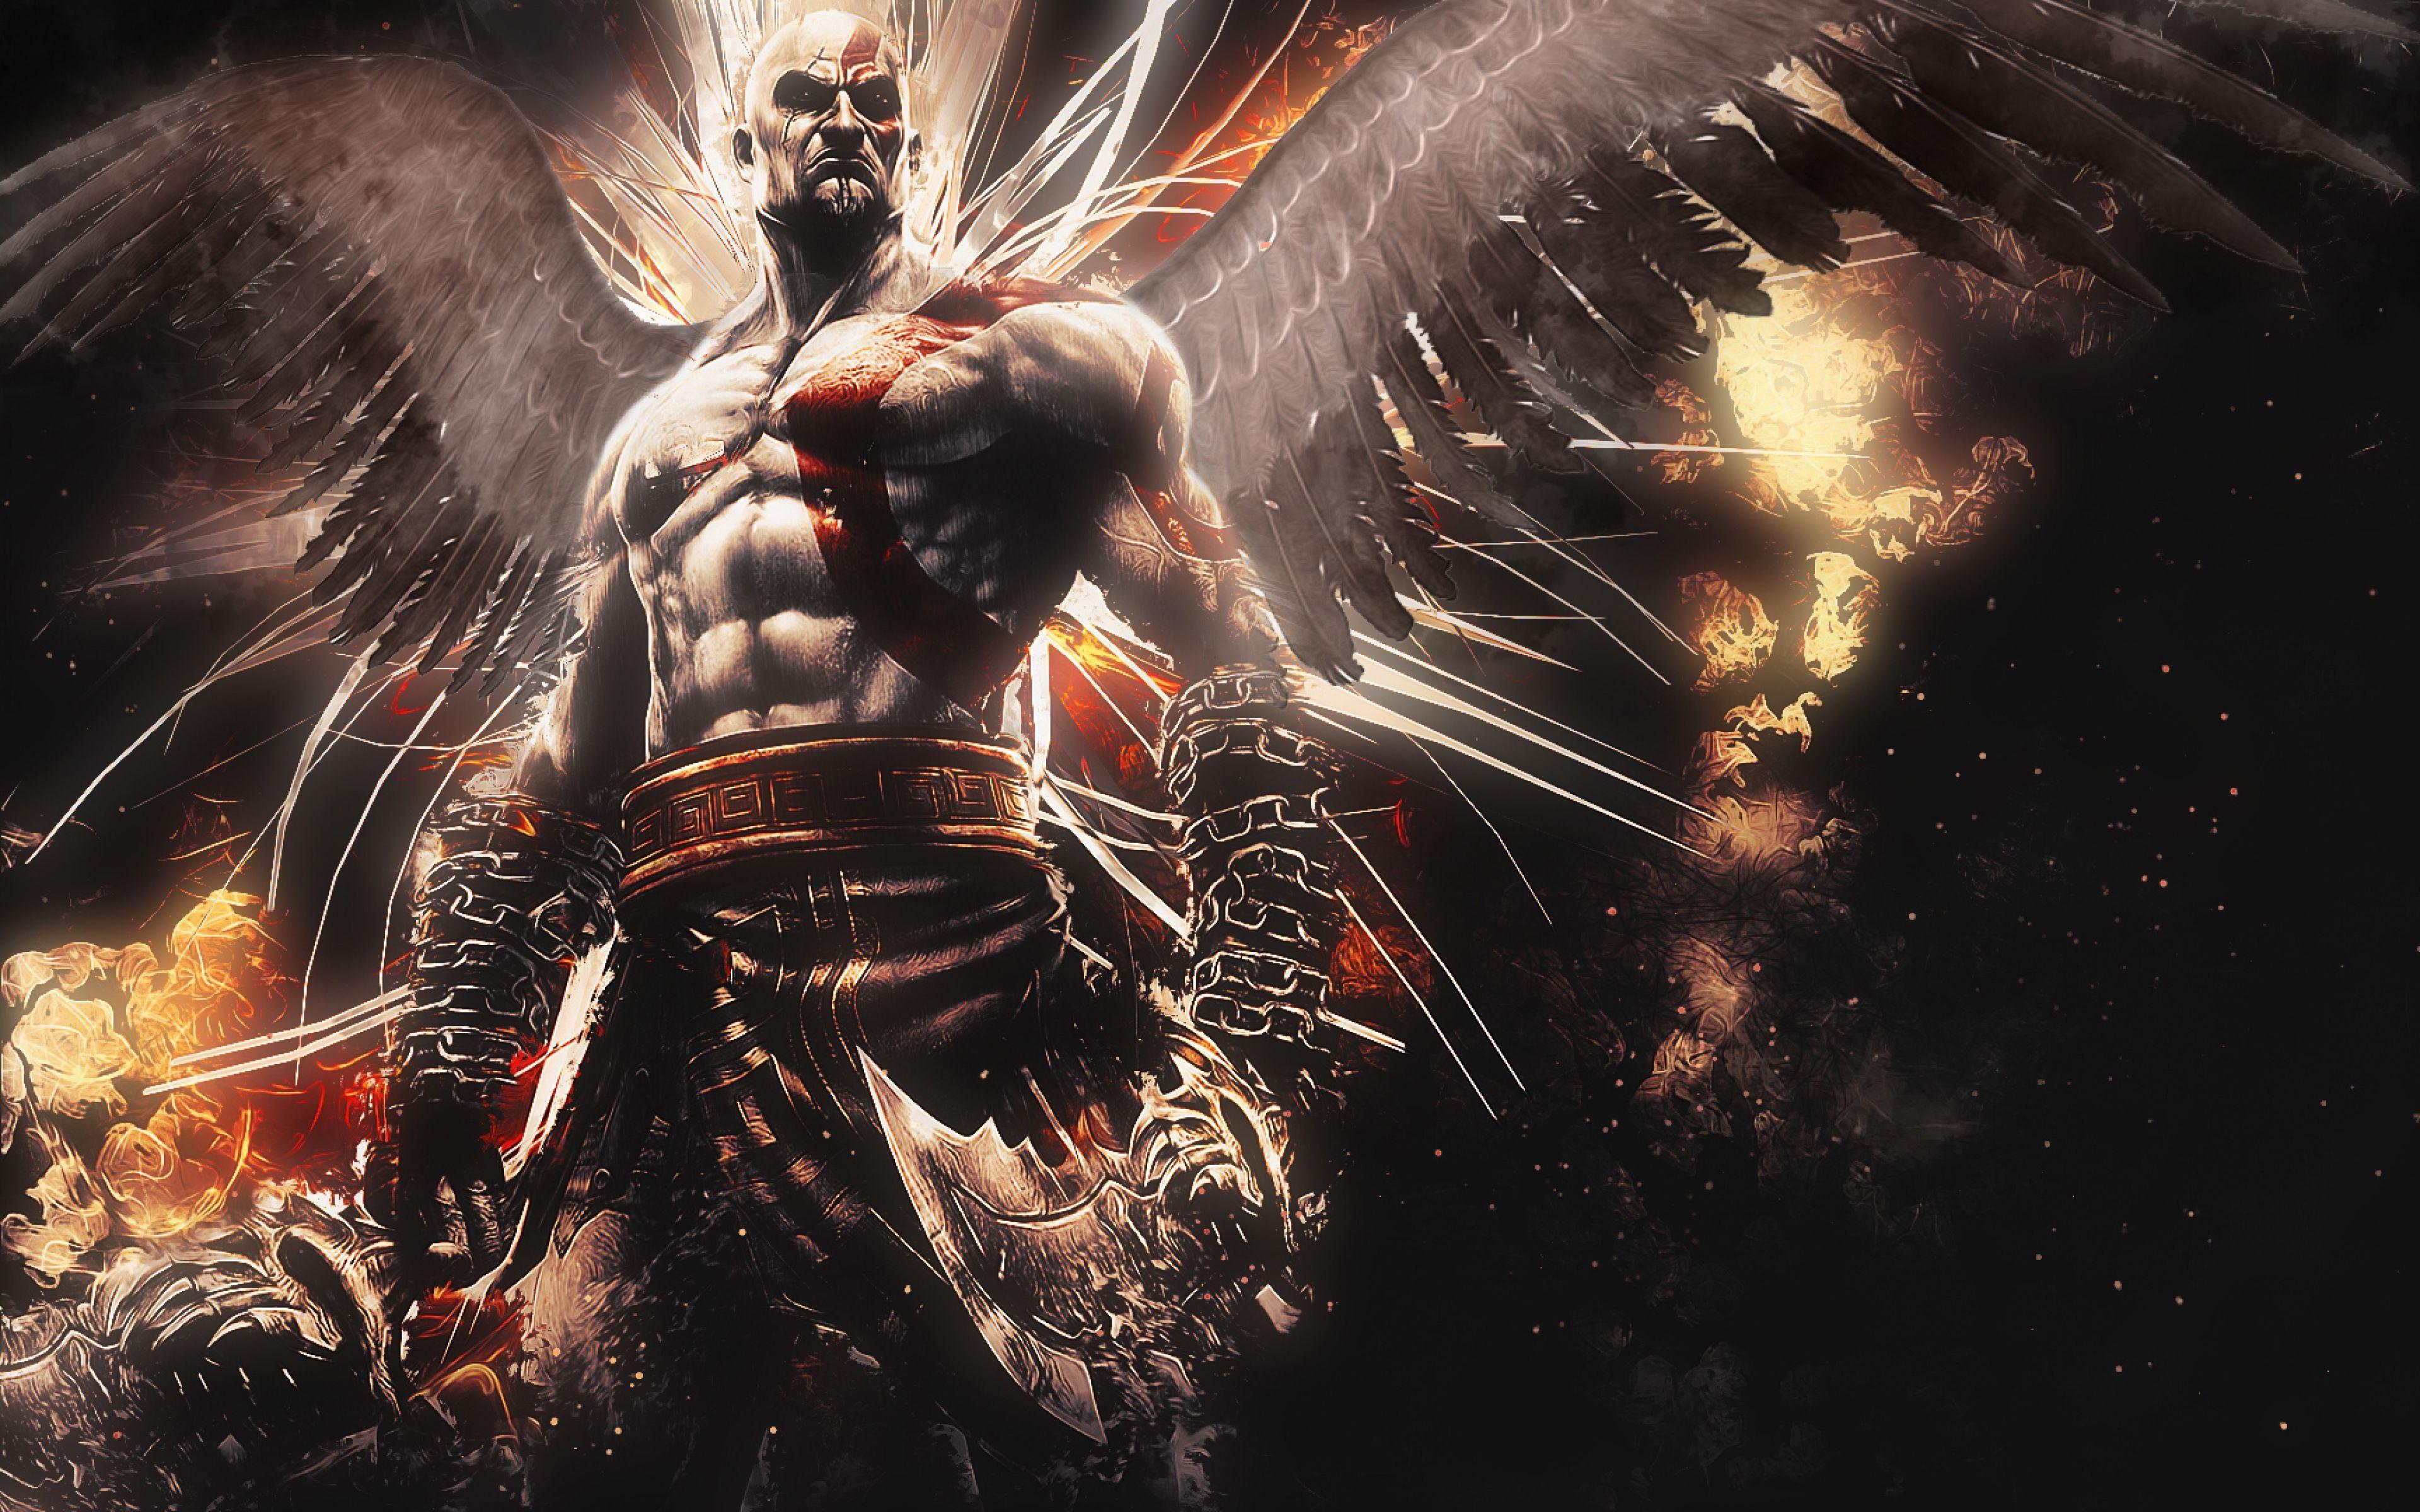 Ultra Hd K God Of War Wallpapers Hd Desktop Backgrounds Kratos God Of War God Of War Custom Canvas Art